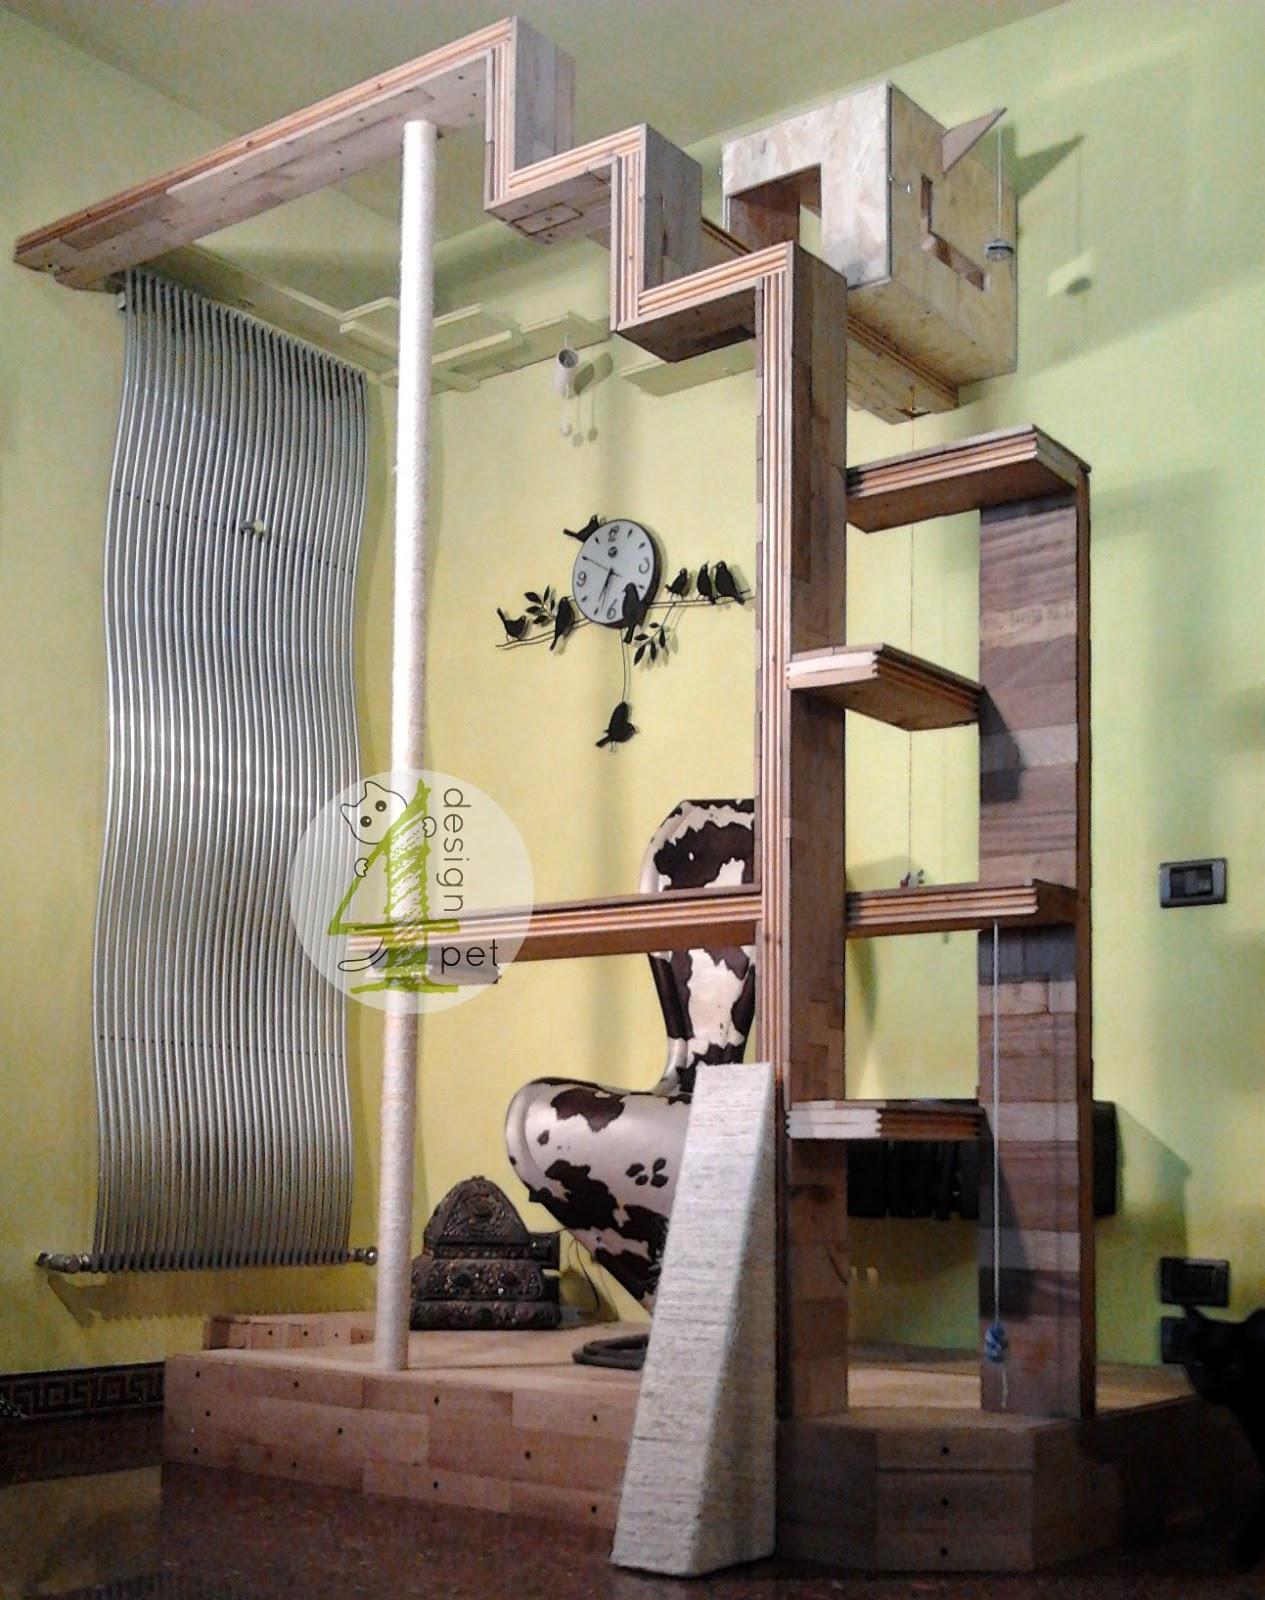 Workstation a misura di felino for Azzoni arredamenti felino